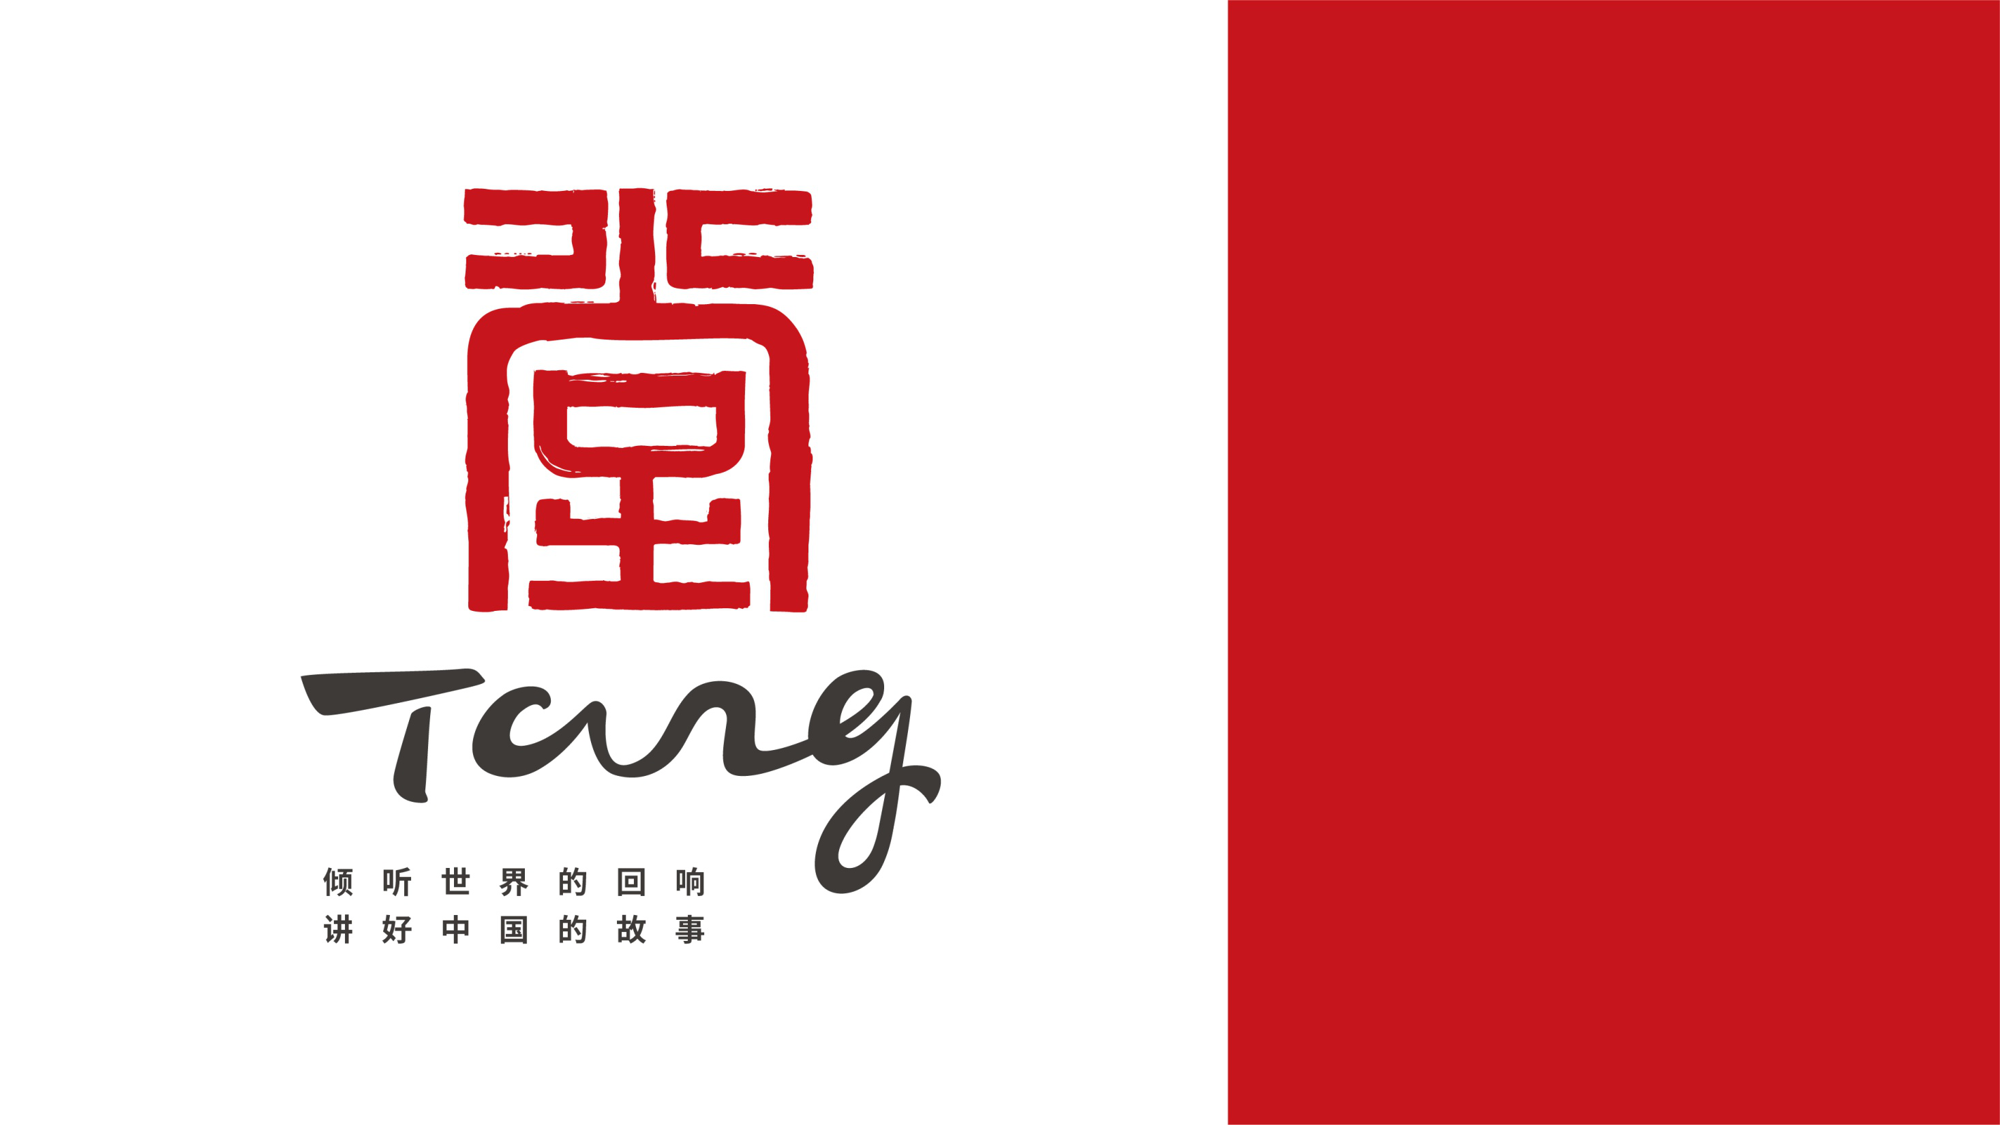 上海交大Tang堂(类TED) 玉佛禅寺